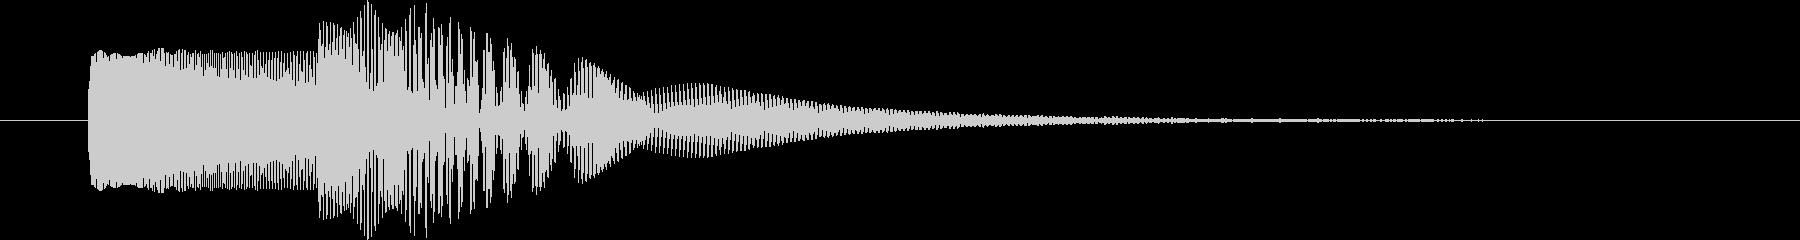 ヒューン(下がる)電子音の未再生の波形